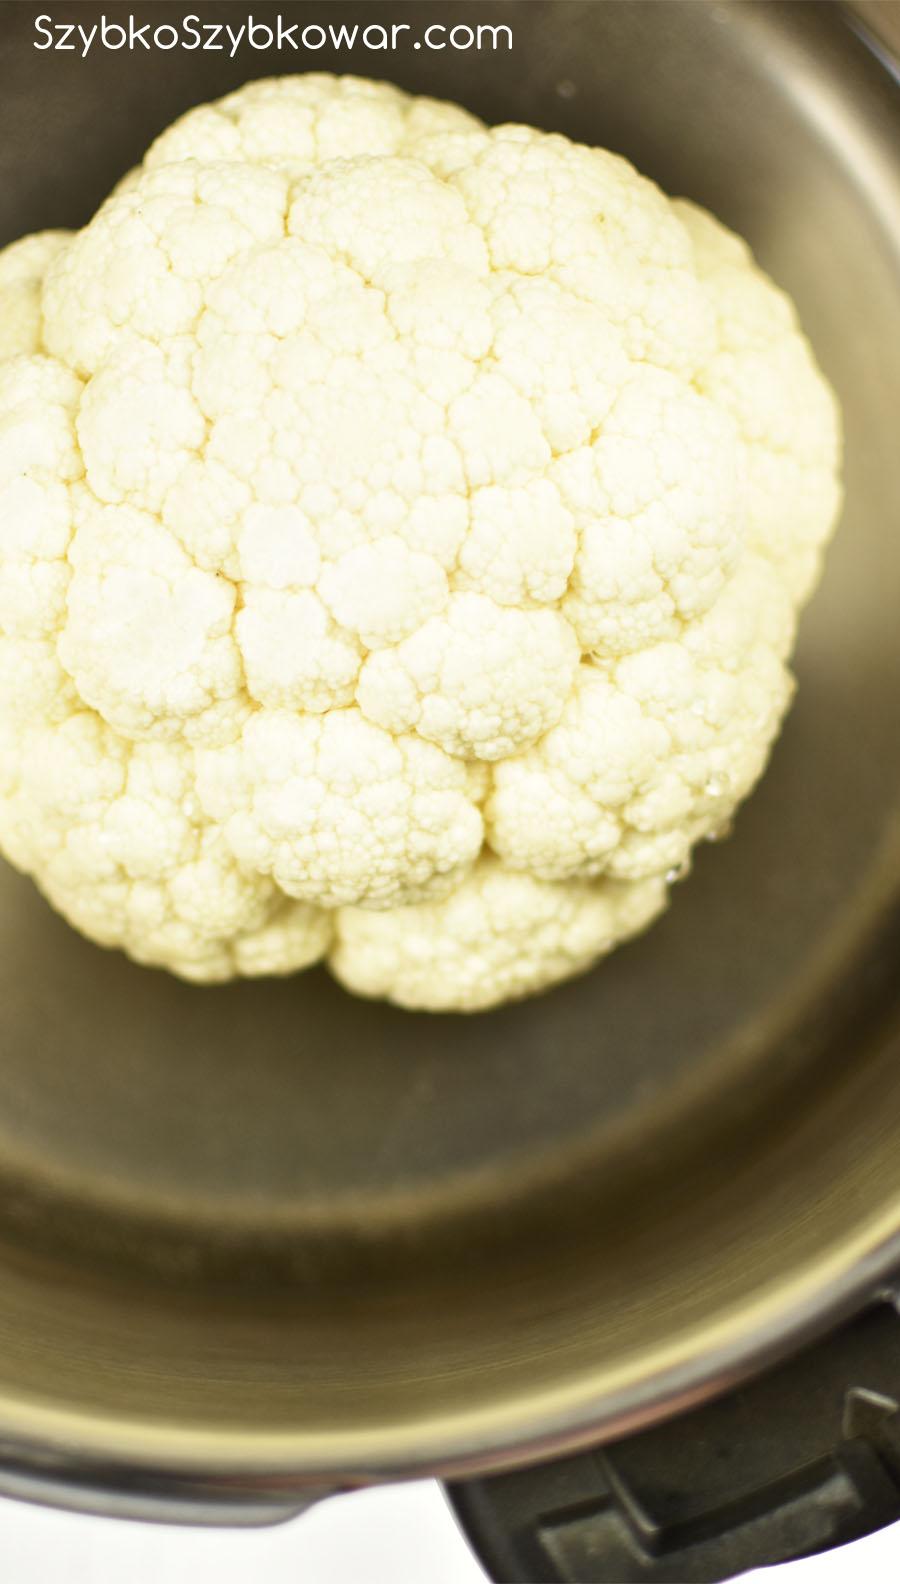 Główka kalafiora przed gotowaniem.